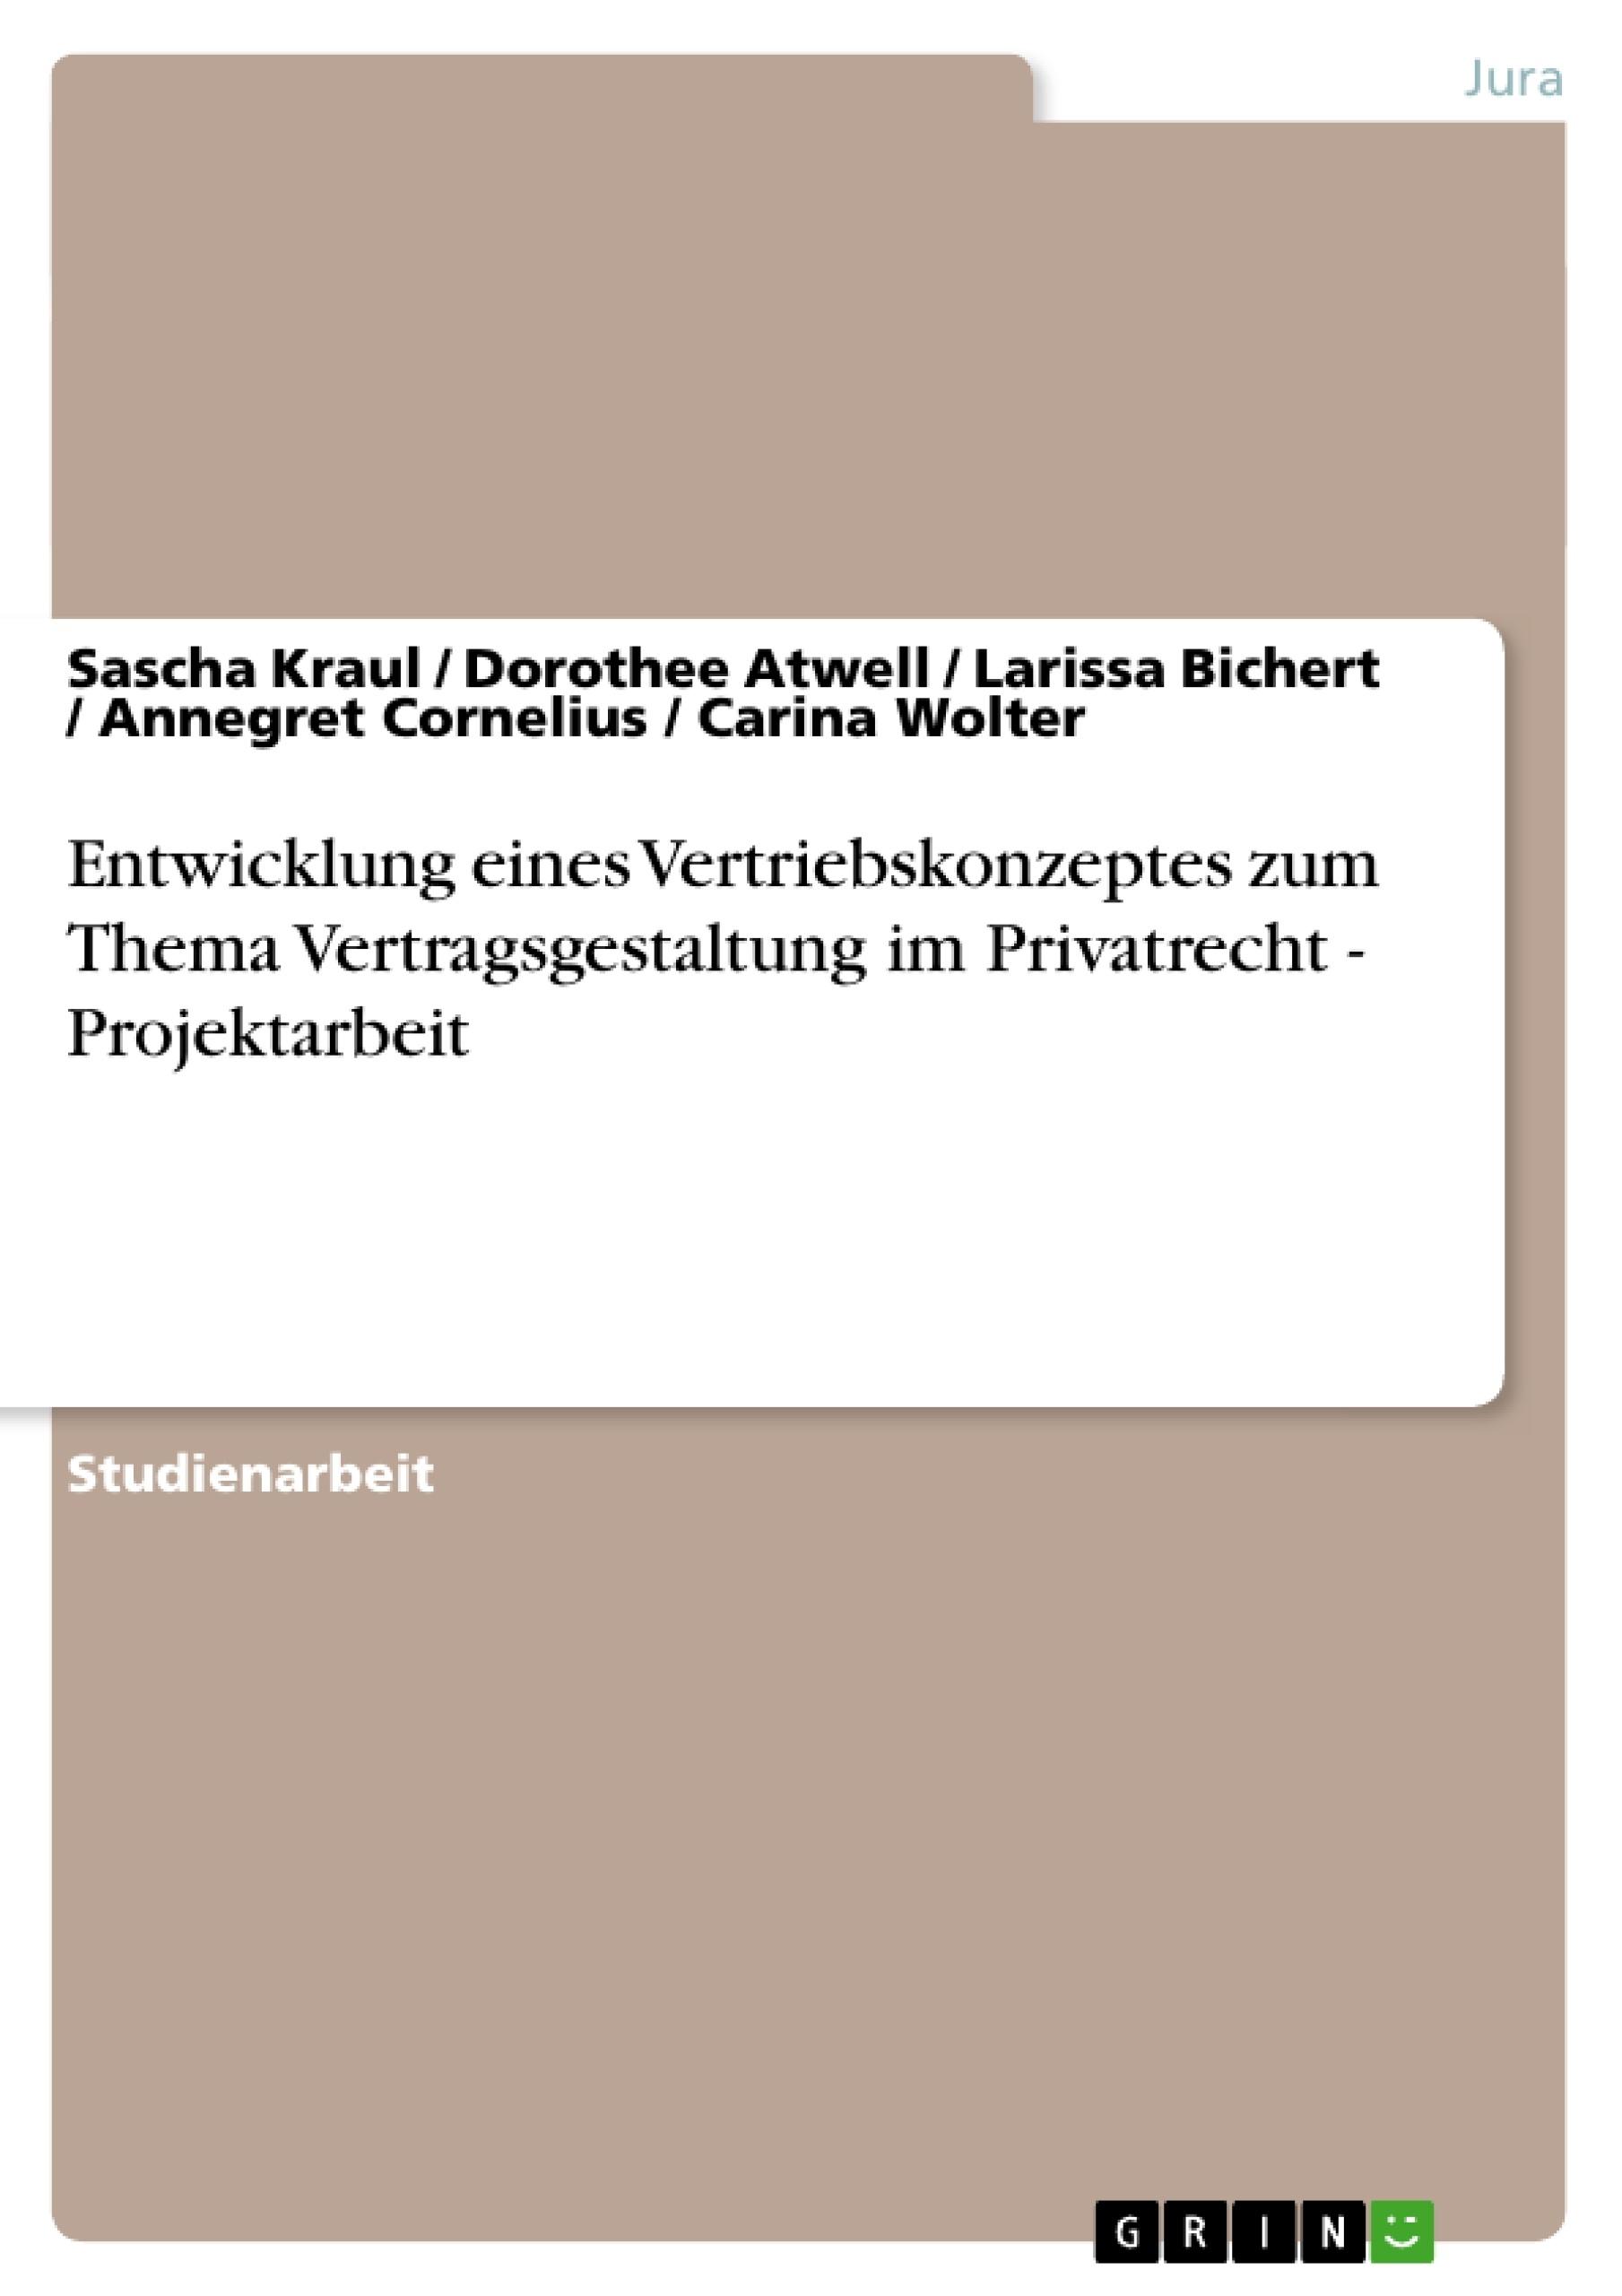 Titel: Entwicklung eines Vertriebskonzeptes zum Thema Vertragsgestaltung im Privatrecht - Projektarbeit